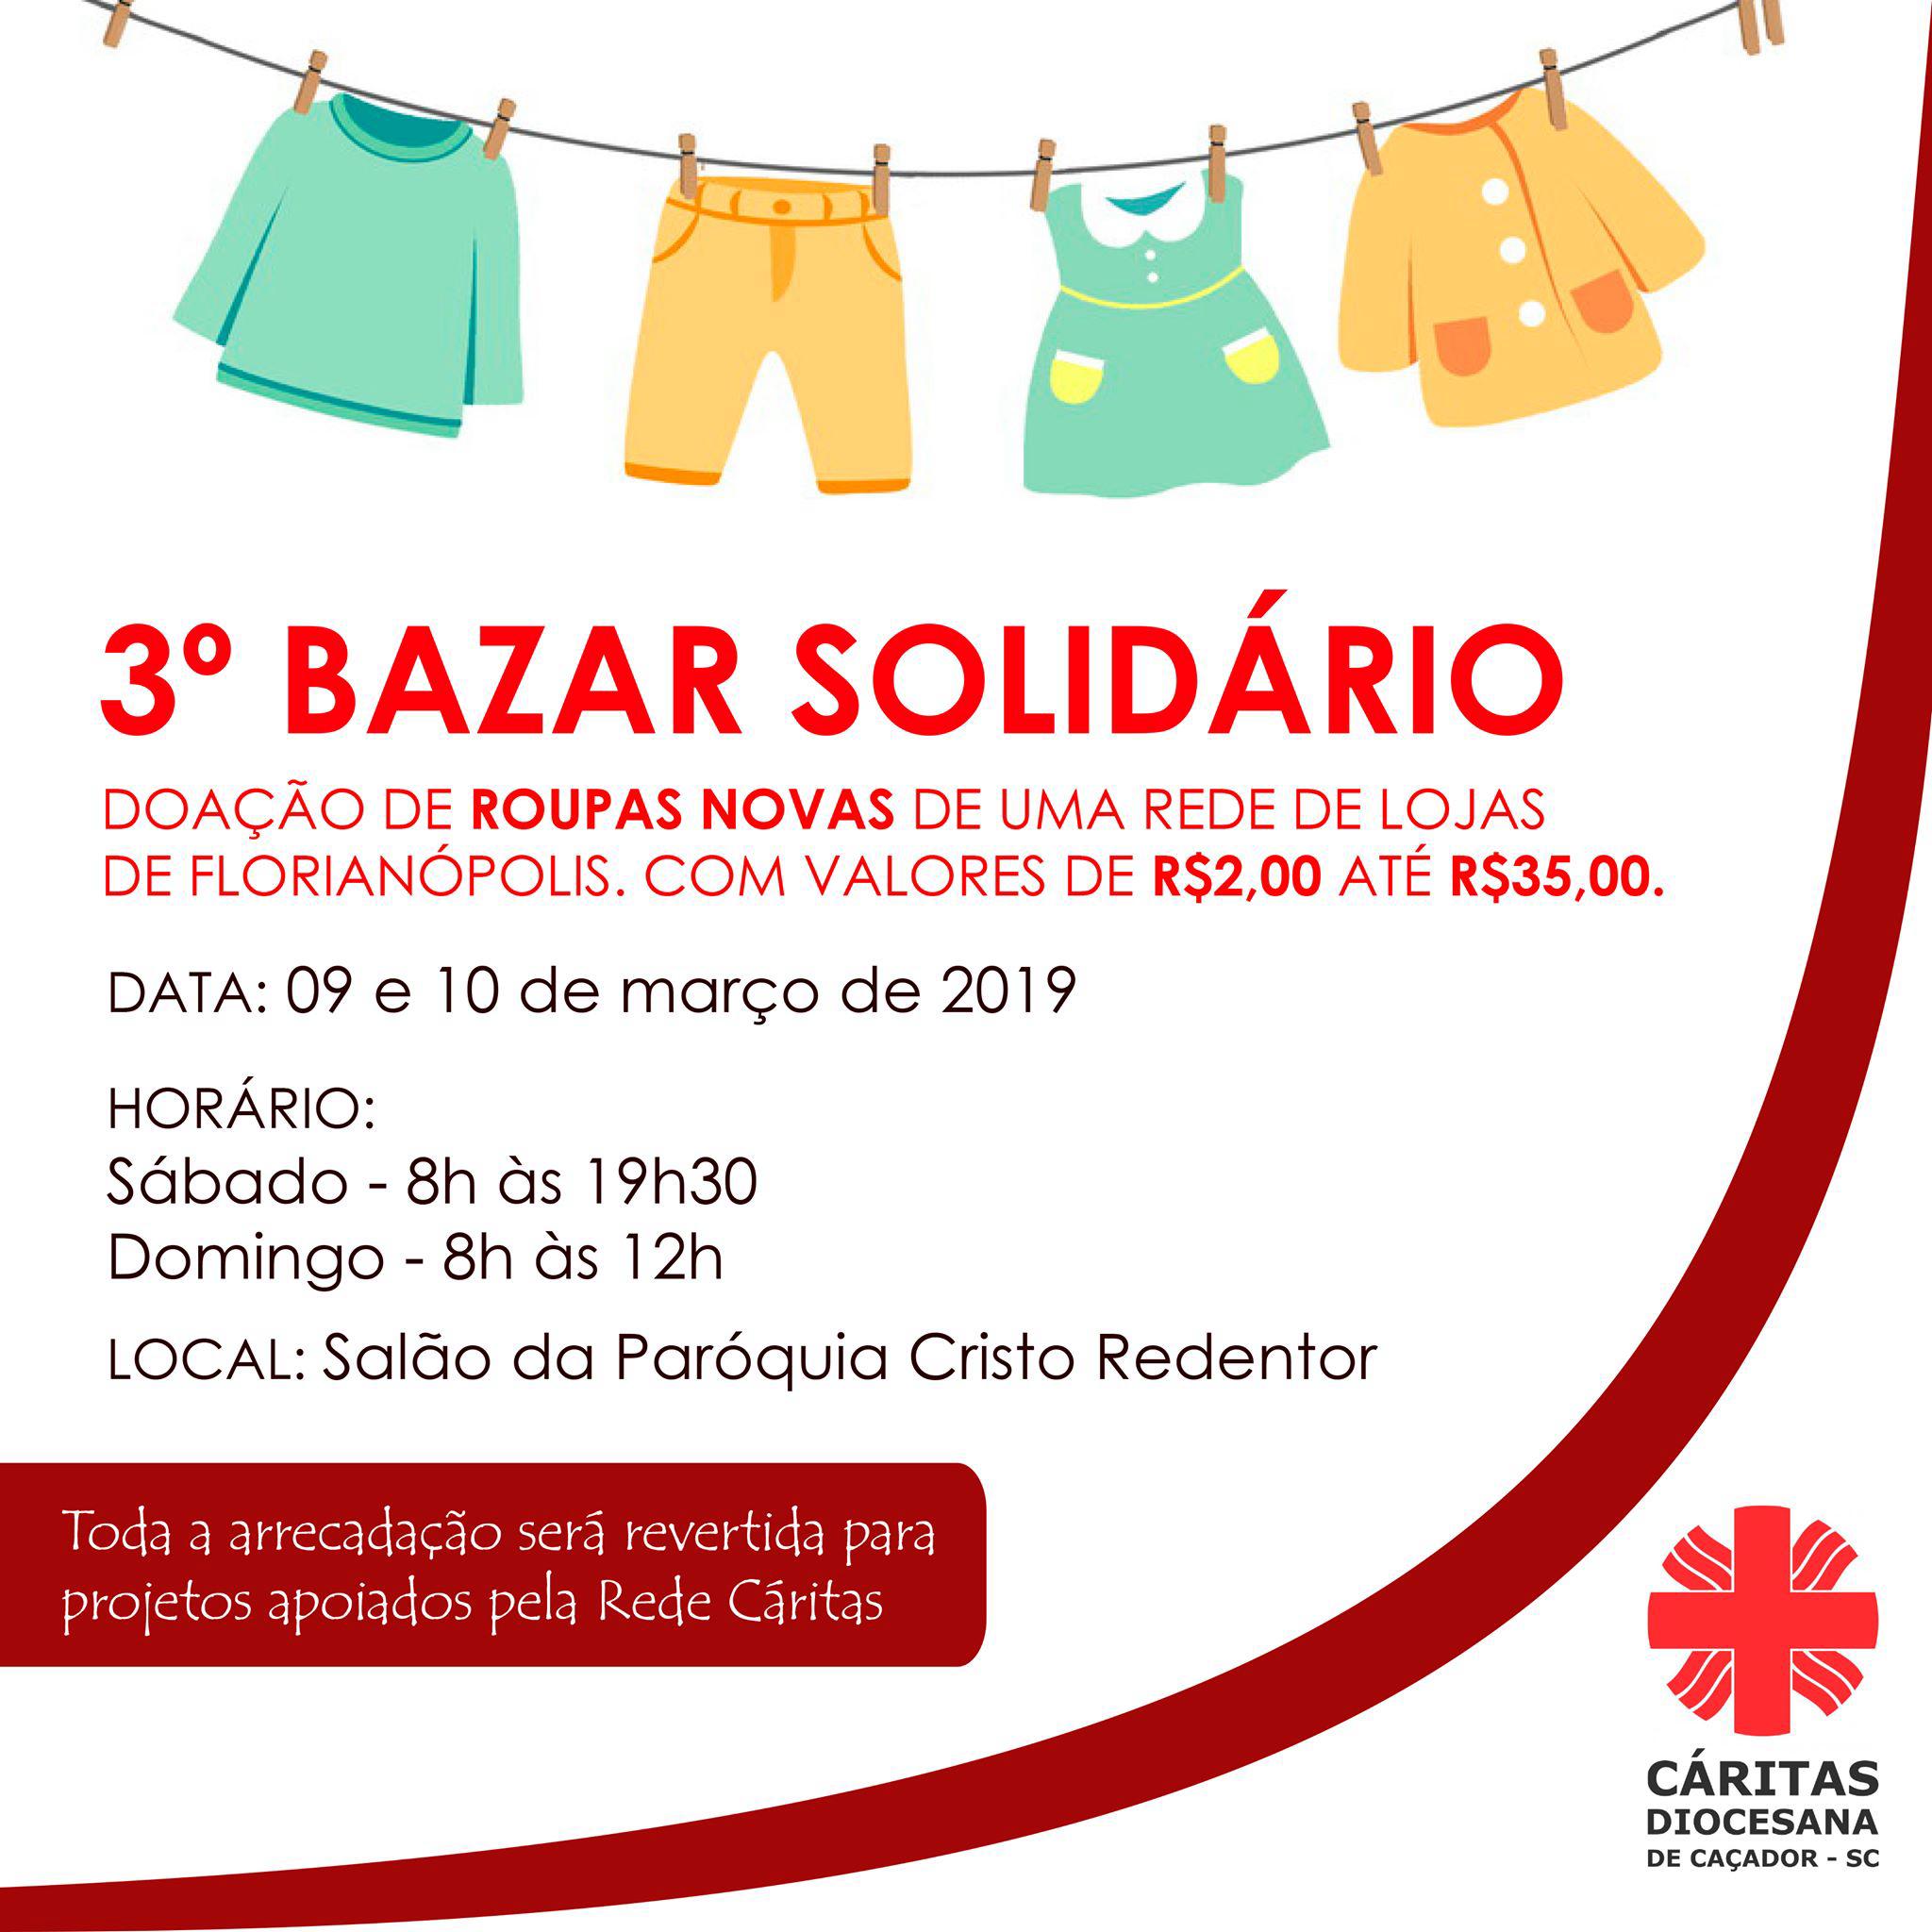 847d31b16 Roupas novas  Cáritas de Caçador realiza 3º Bazar Solidário dias 9 e ...